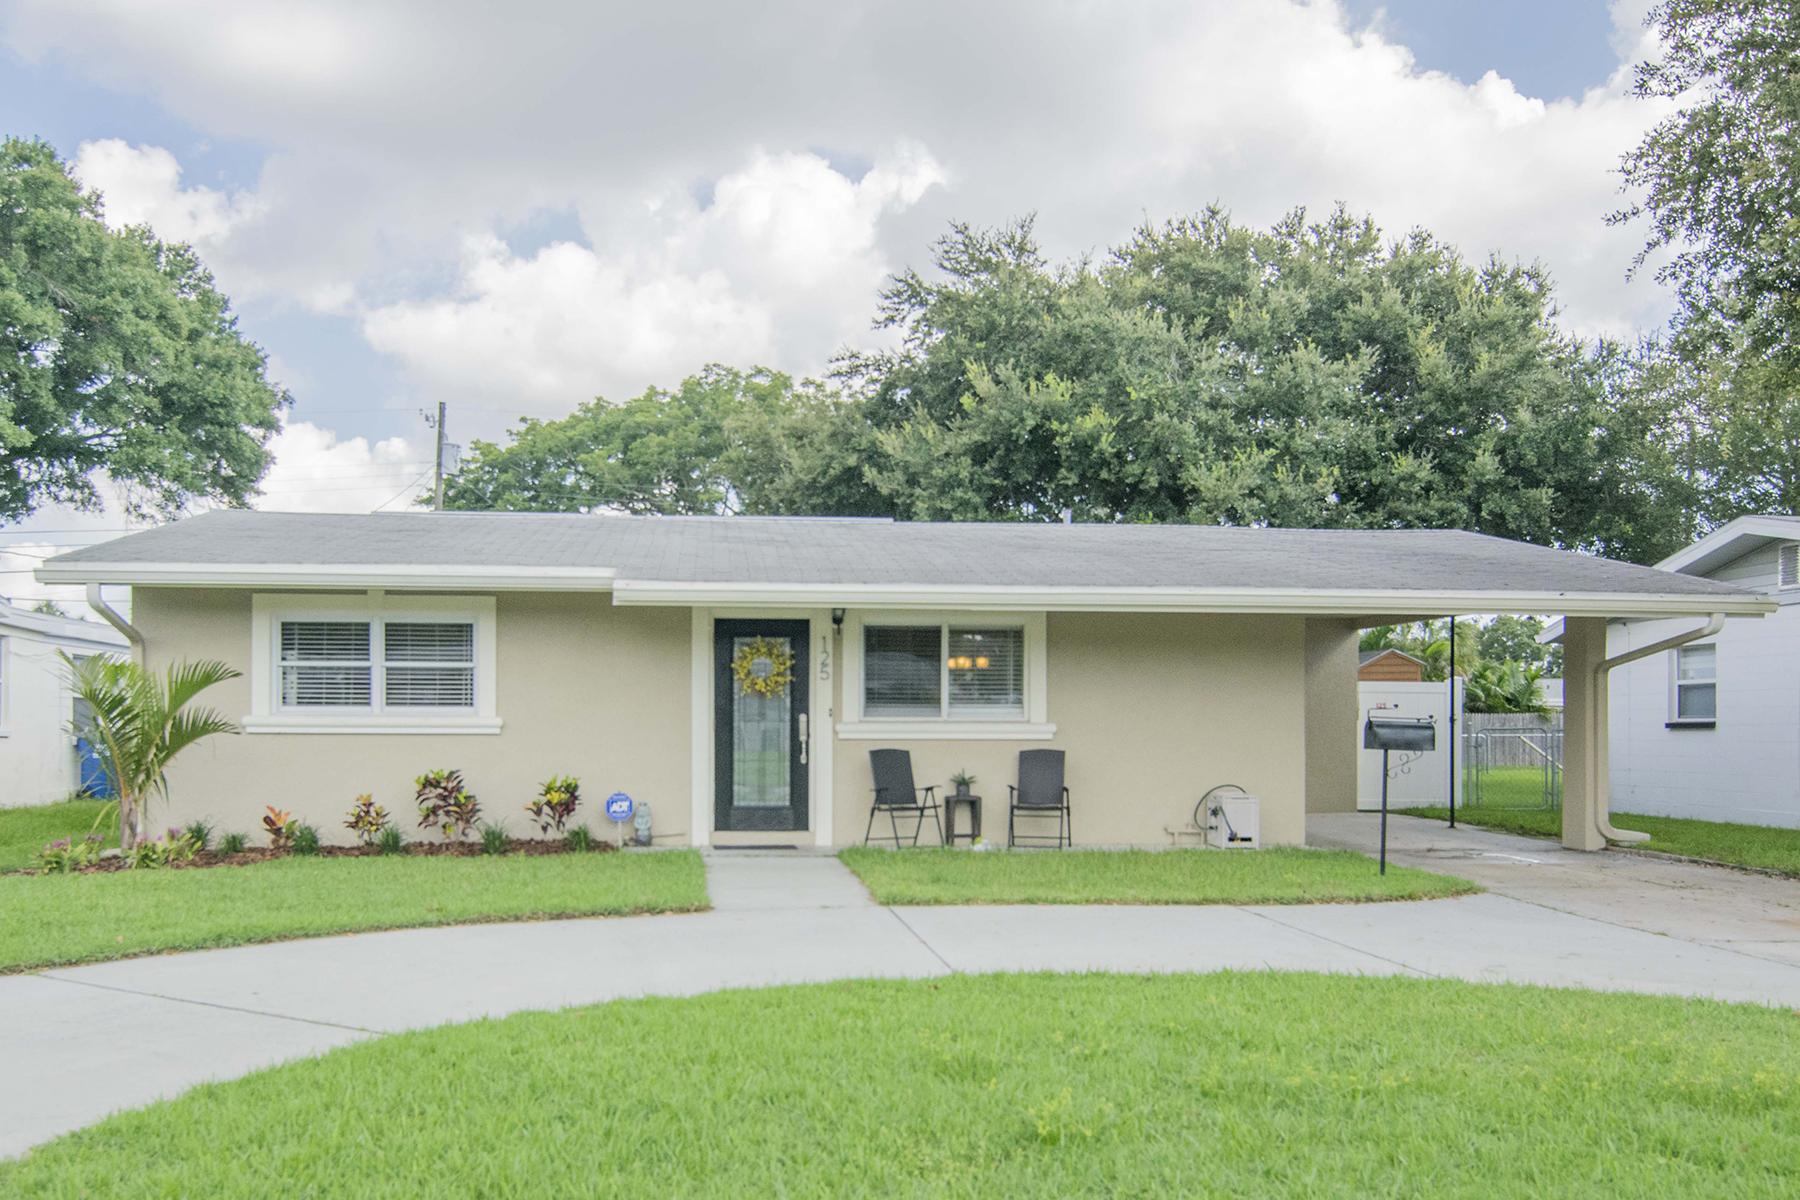 一戸建て のために 売買 アット ST. PETERSBURG 125 43rd Ave NE St. Petersburg, フロリダ 33703 アメリカ合衆国